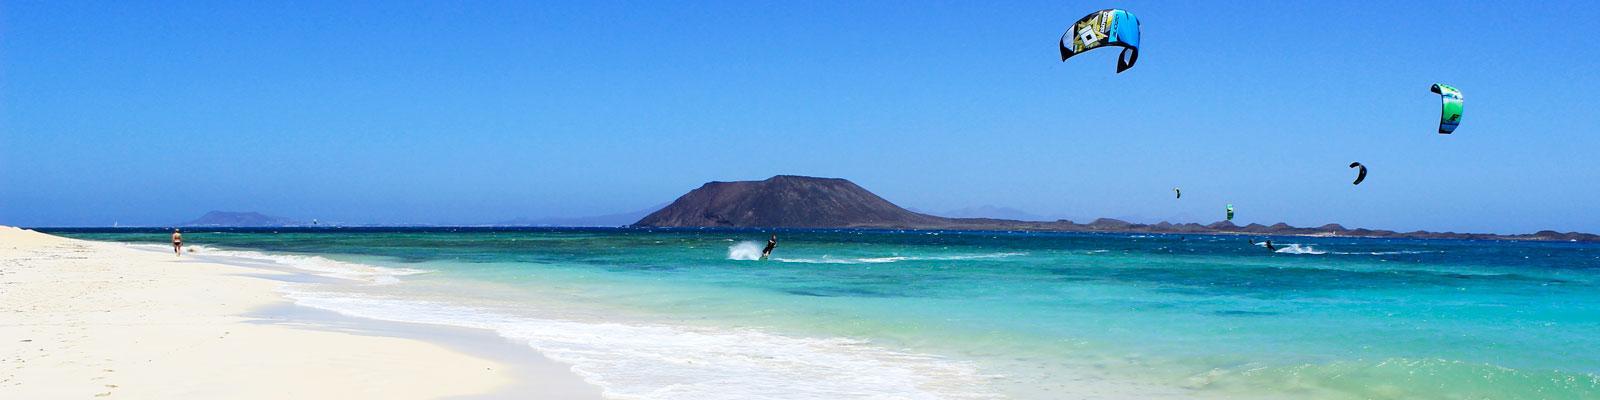 Northern Island Tour Fuerteventura